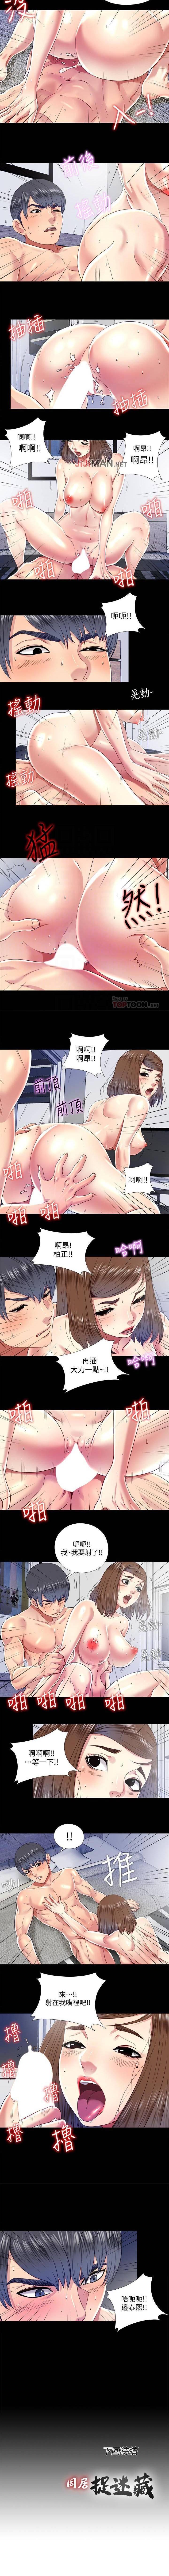 【已完结】同居捉迷藏(作者:林巨星) 第1~30话 86